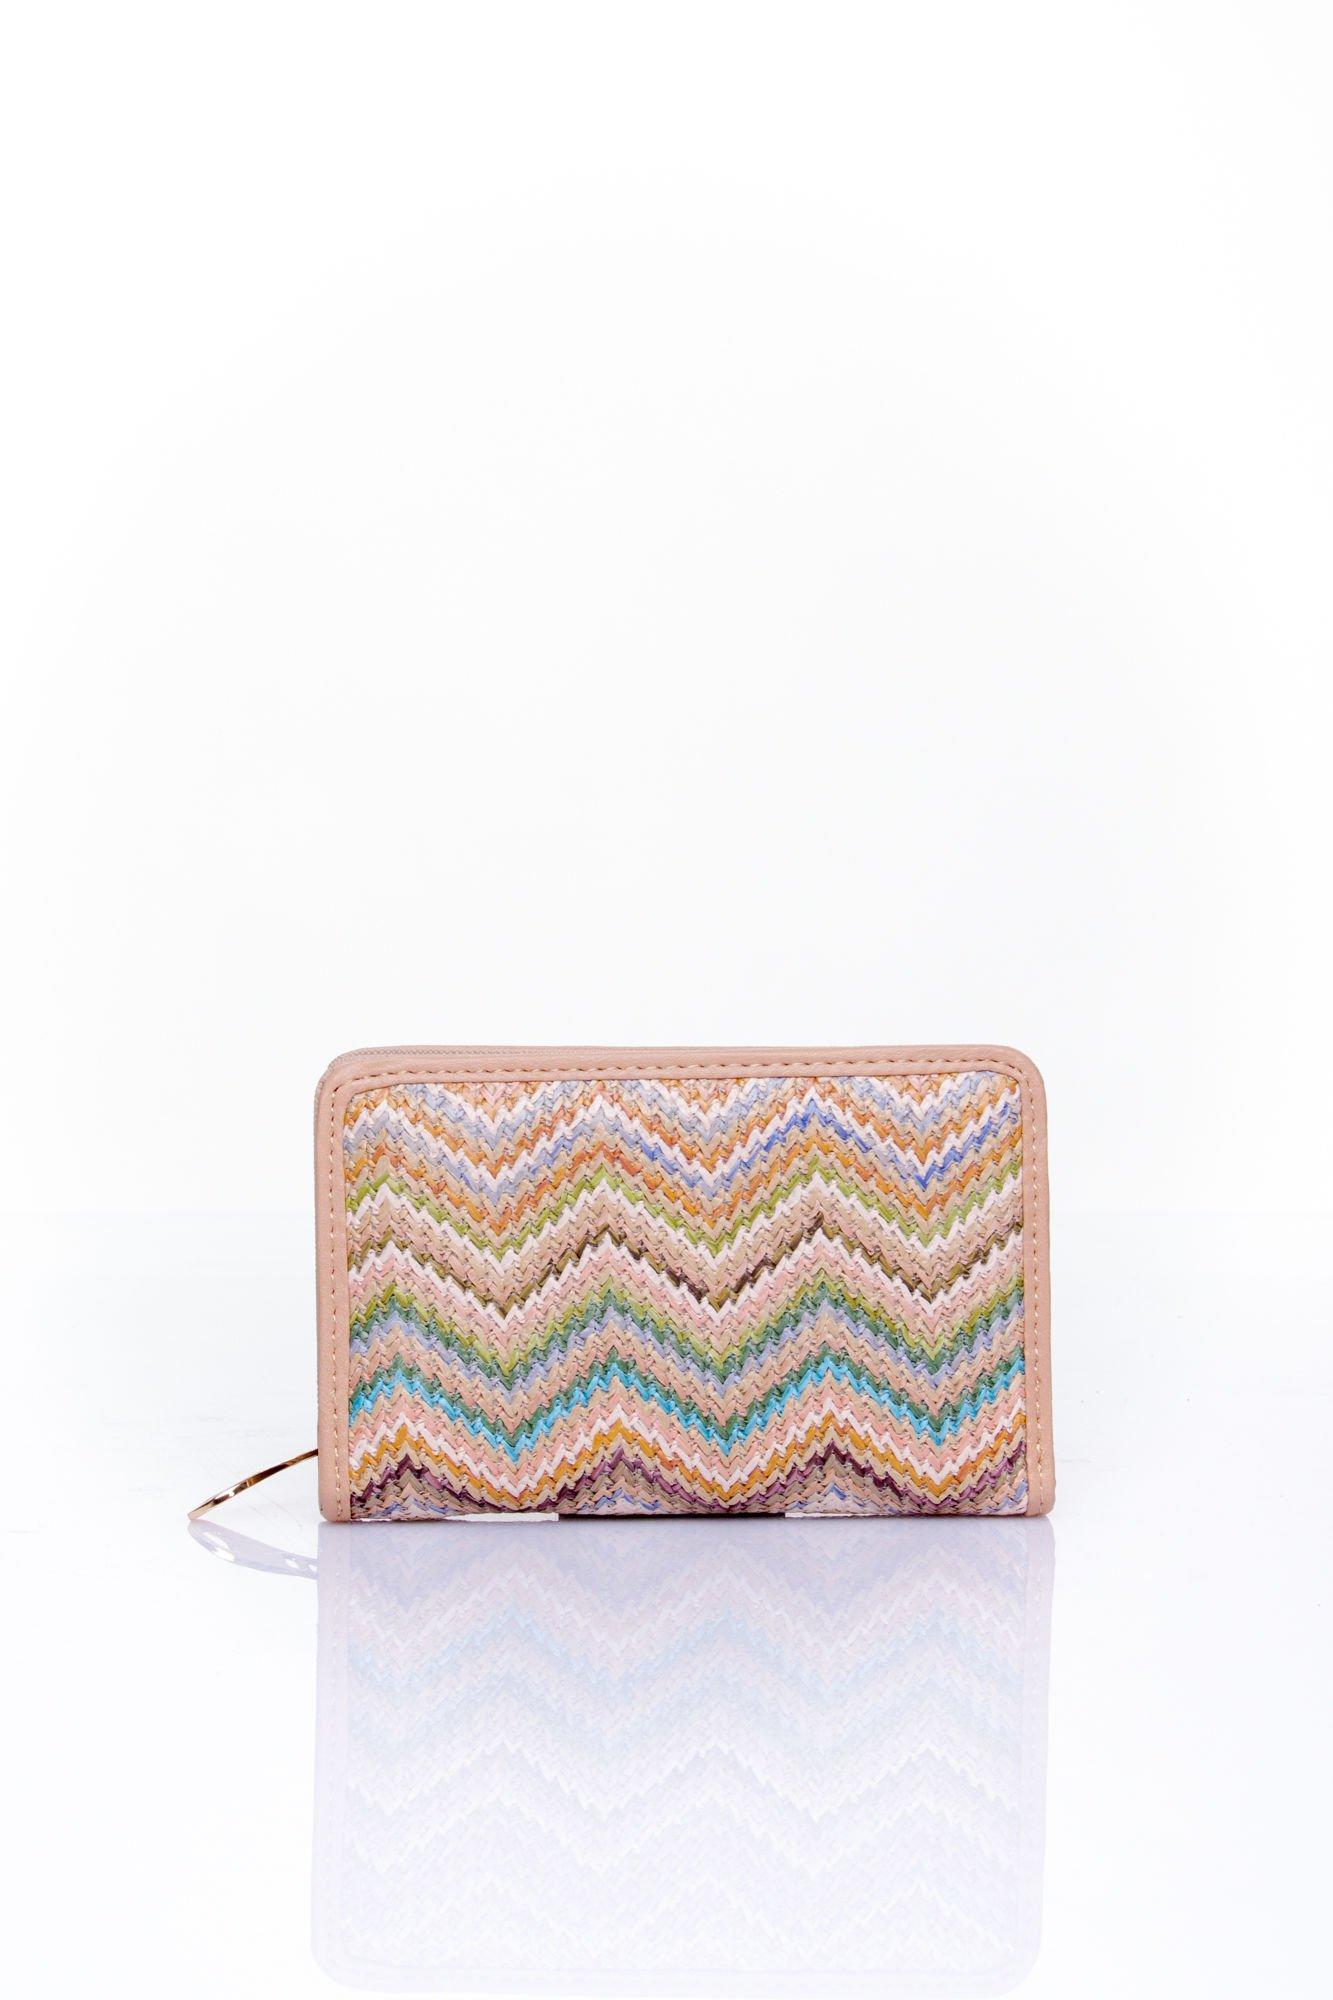 Beżowy portfel z motywem geometrycznej plecionki                                  zdj.                                  1